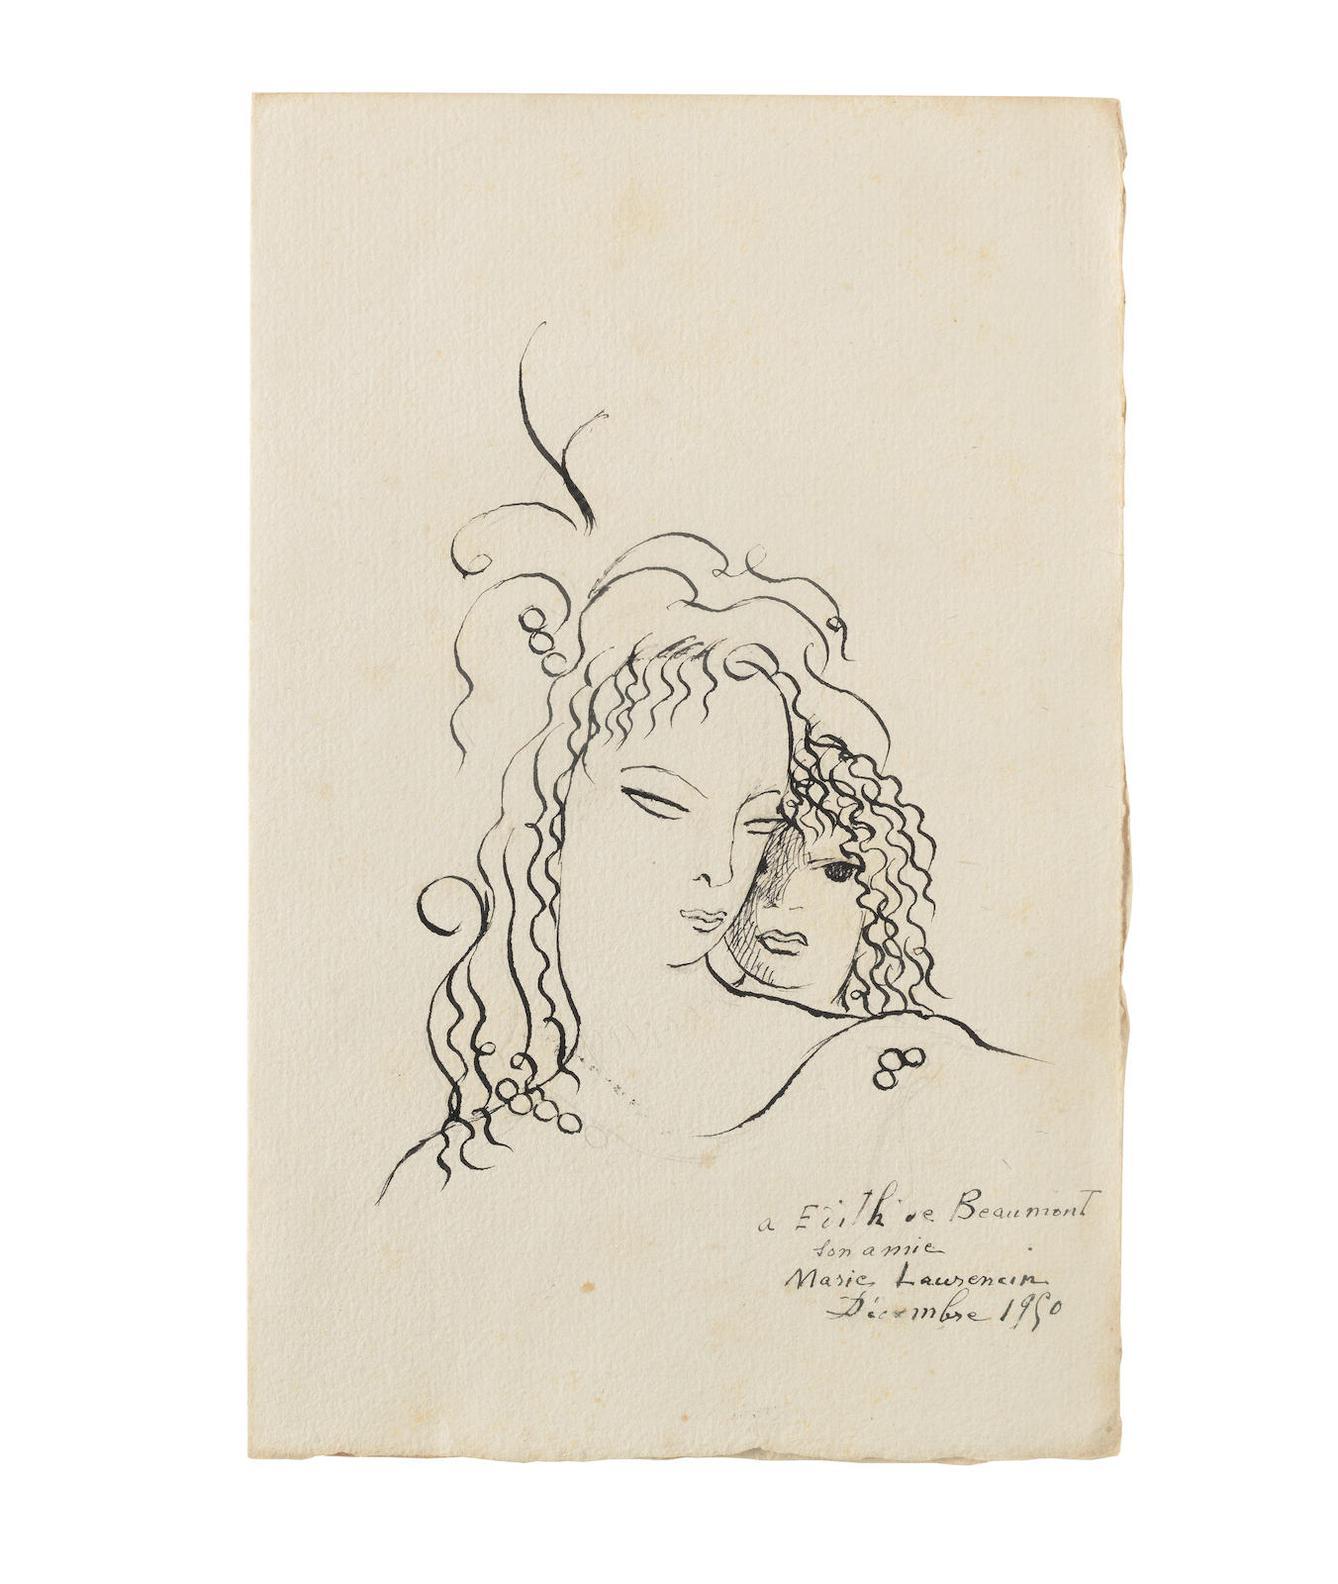 Marie Laurencin-Poemes De Sapho, Compagnie Francaise Des Arts Graphiques, Paris, 1950-1950